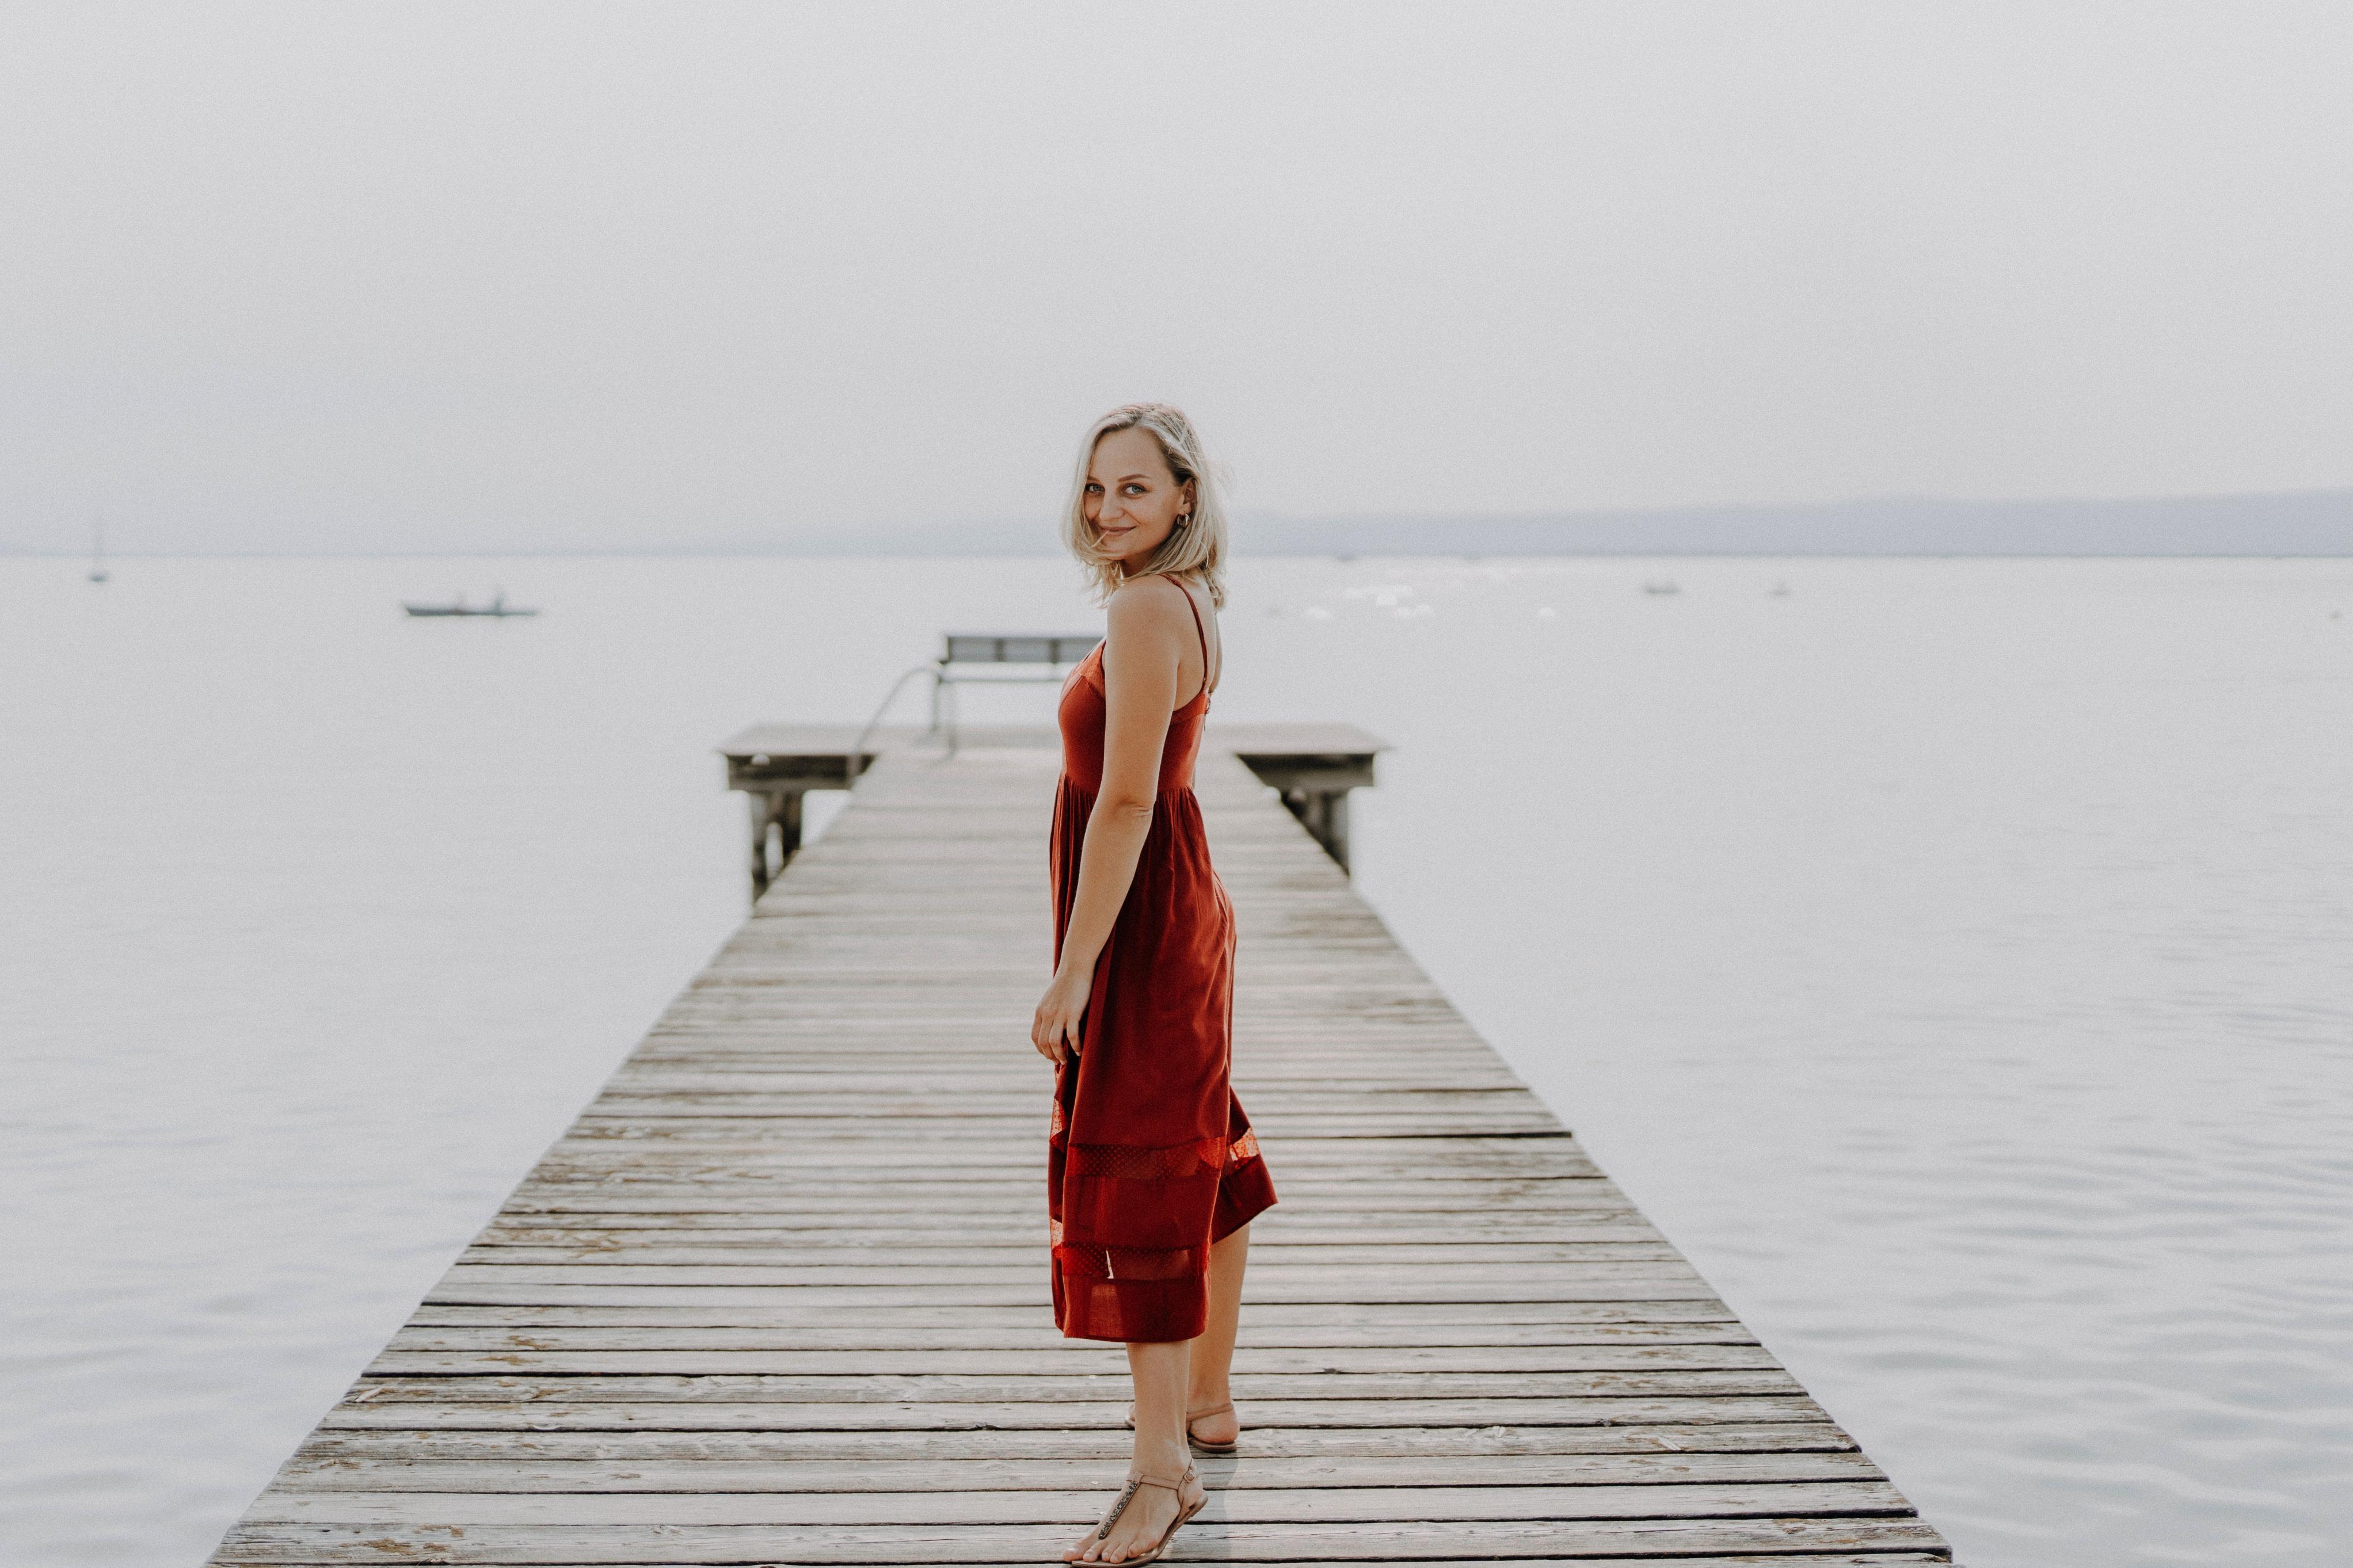 Anna Zöch rotes Kleid am Steg vom See